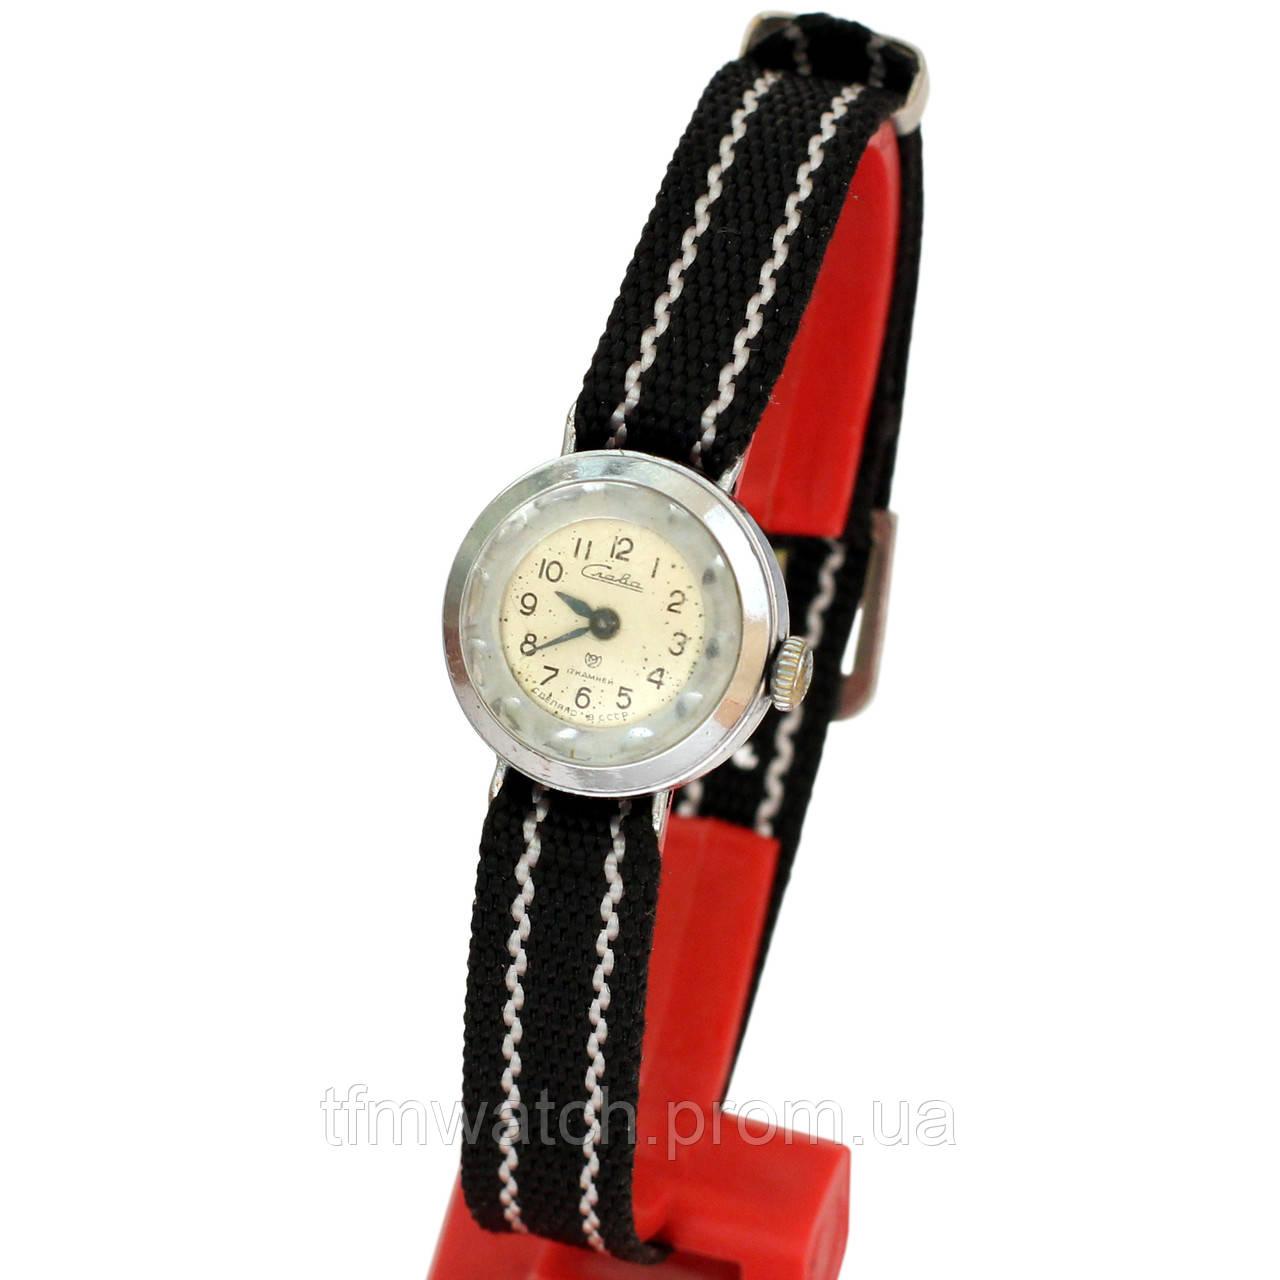 Женские часы Слава производства СССР